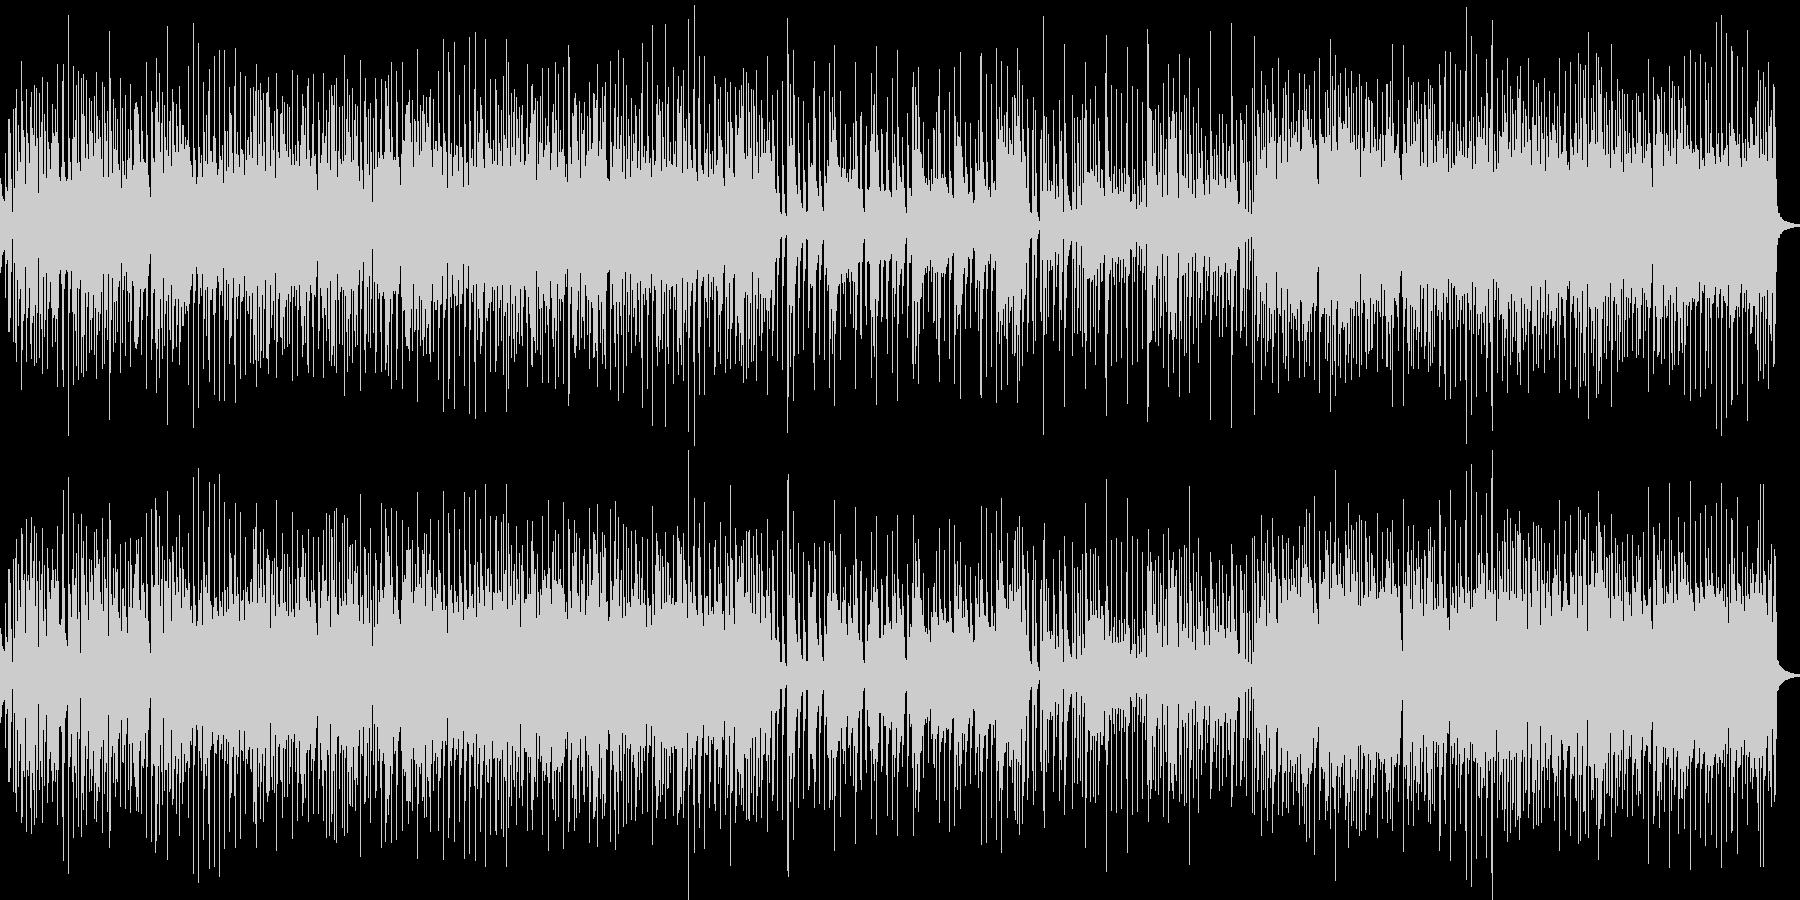 軽快なリズムのギターロックの未再生の波形